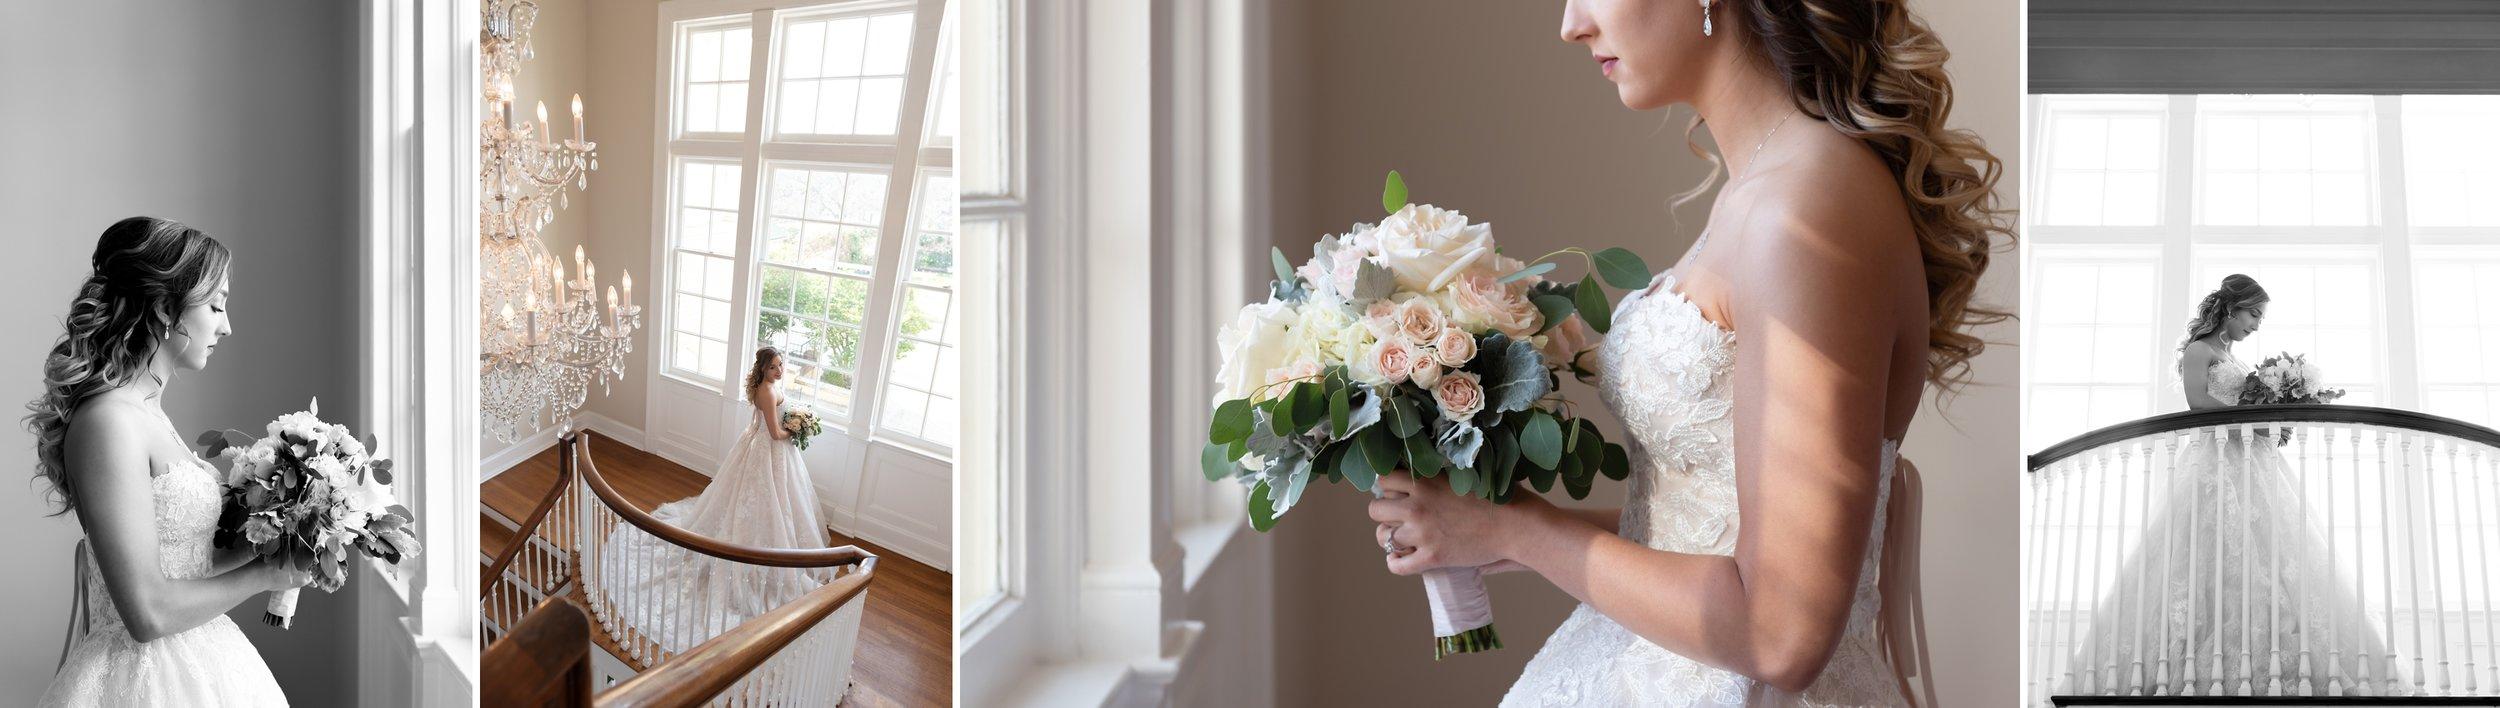 Blog Bridal 2.jpg